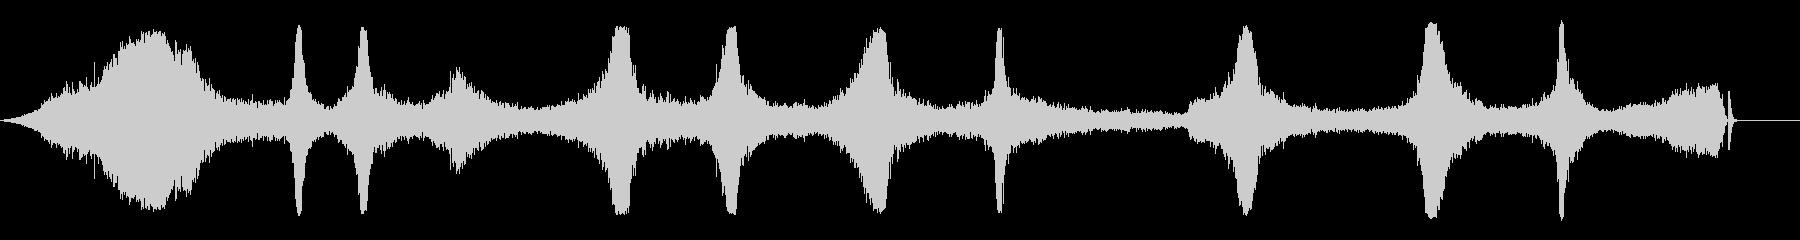 アセチレントーチバイスとヒスの未再生の波形